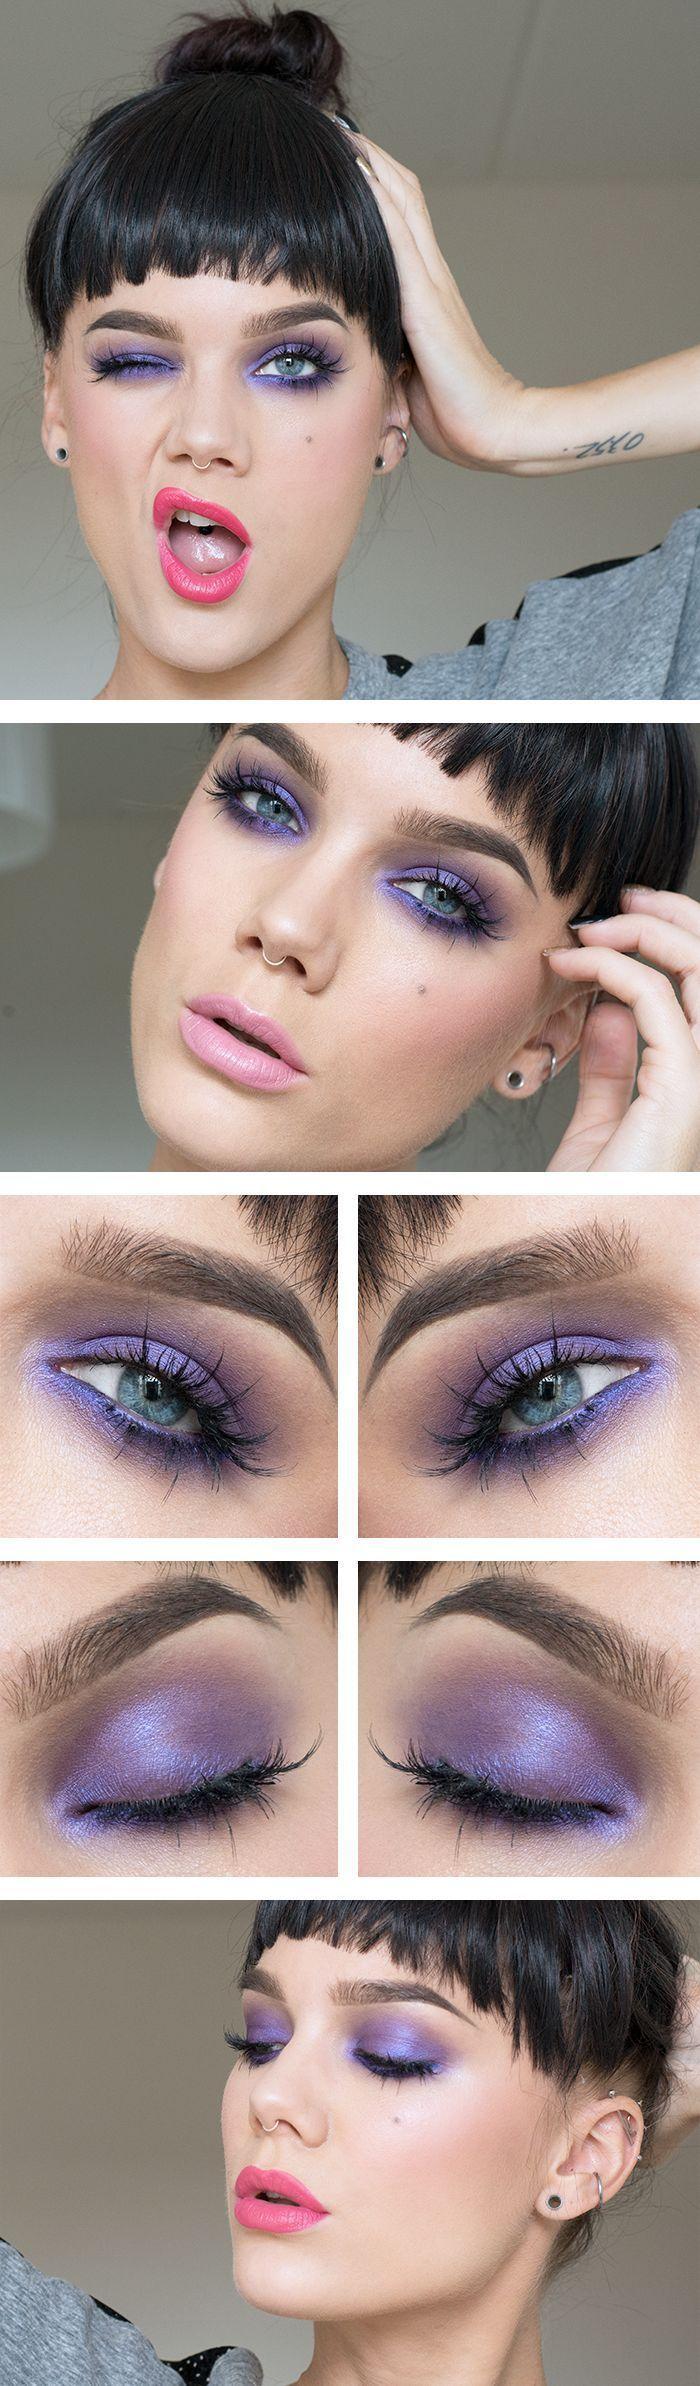 Wedding - Violet Eyes